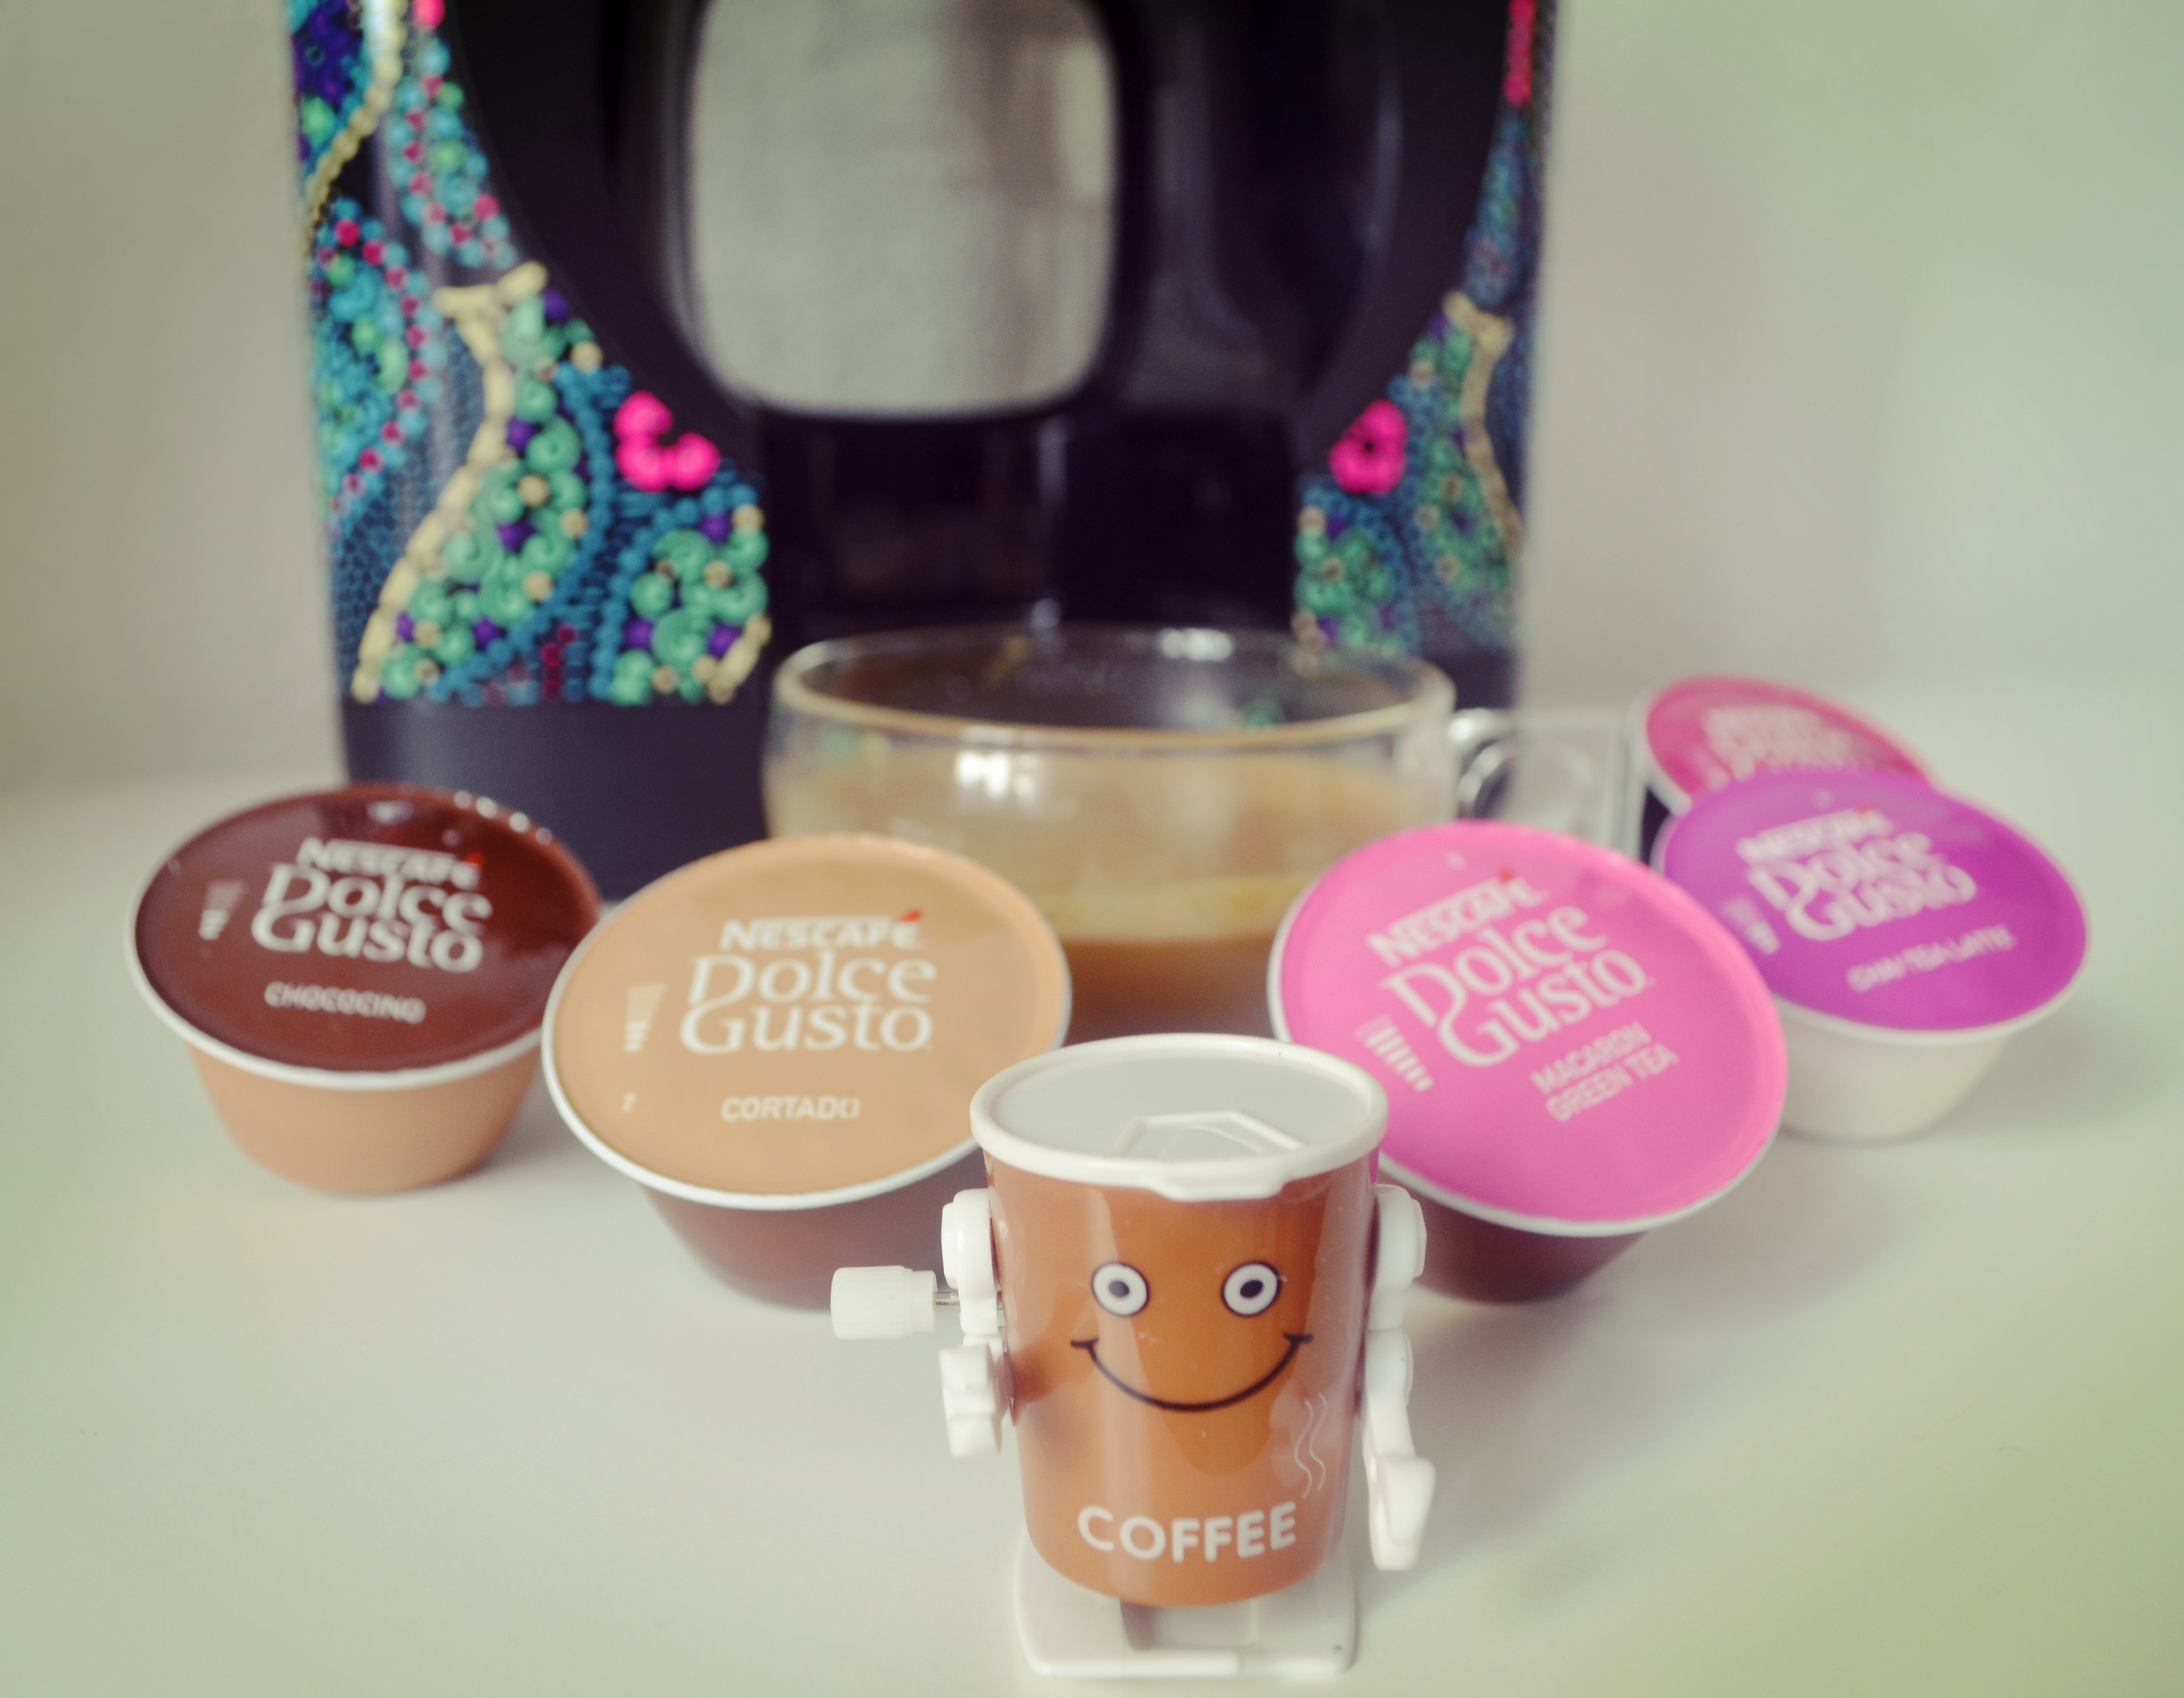 blog-de-moda-chicadicta-cafeteras-fashion-nescafe-dolce-gusto-oblo-custo-edicion-limitada-coffee-style-desayunos-de-moda-piensaenchic-piensa-en-chic